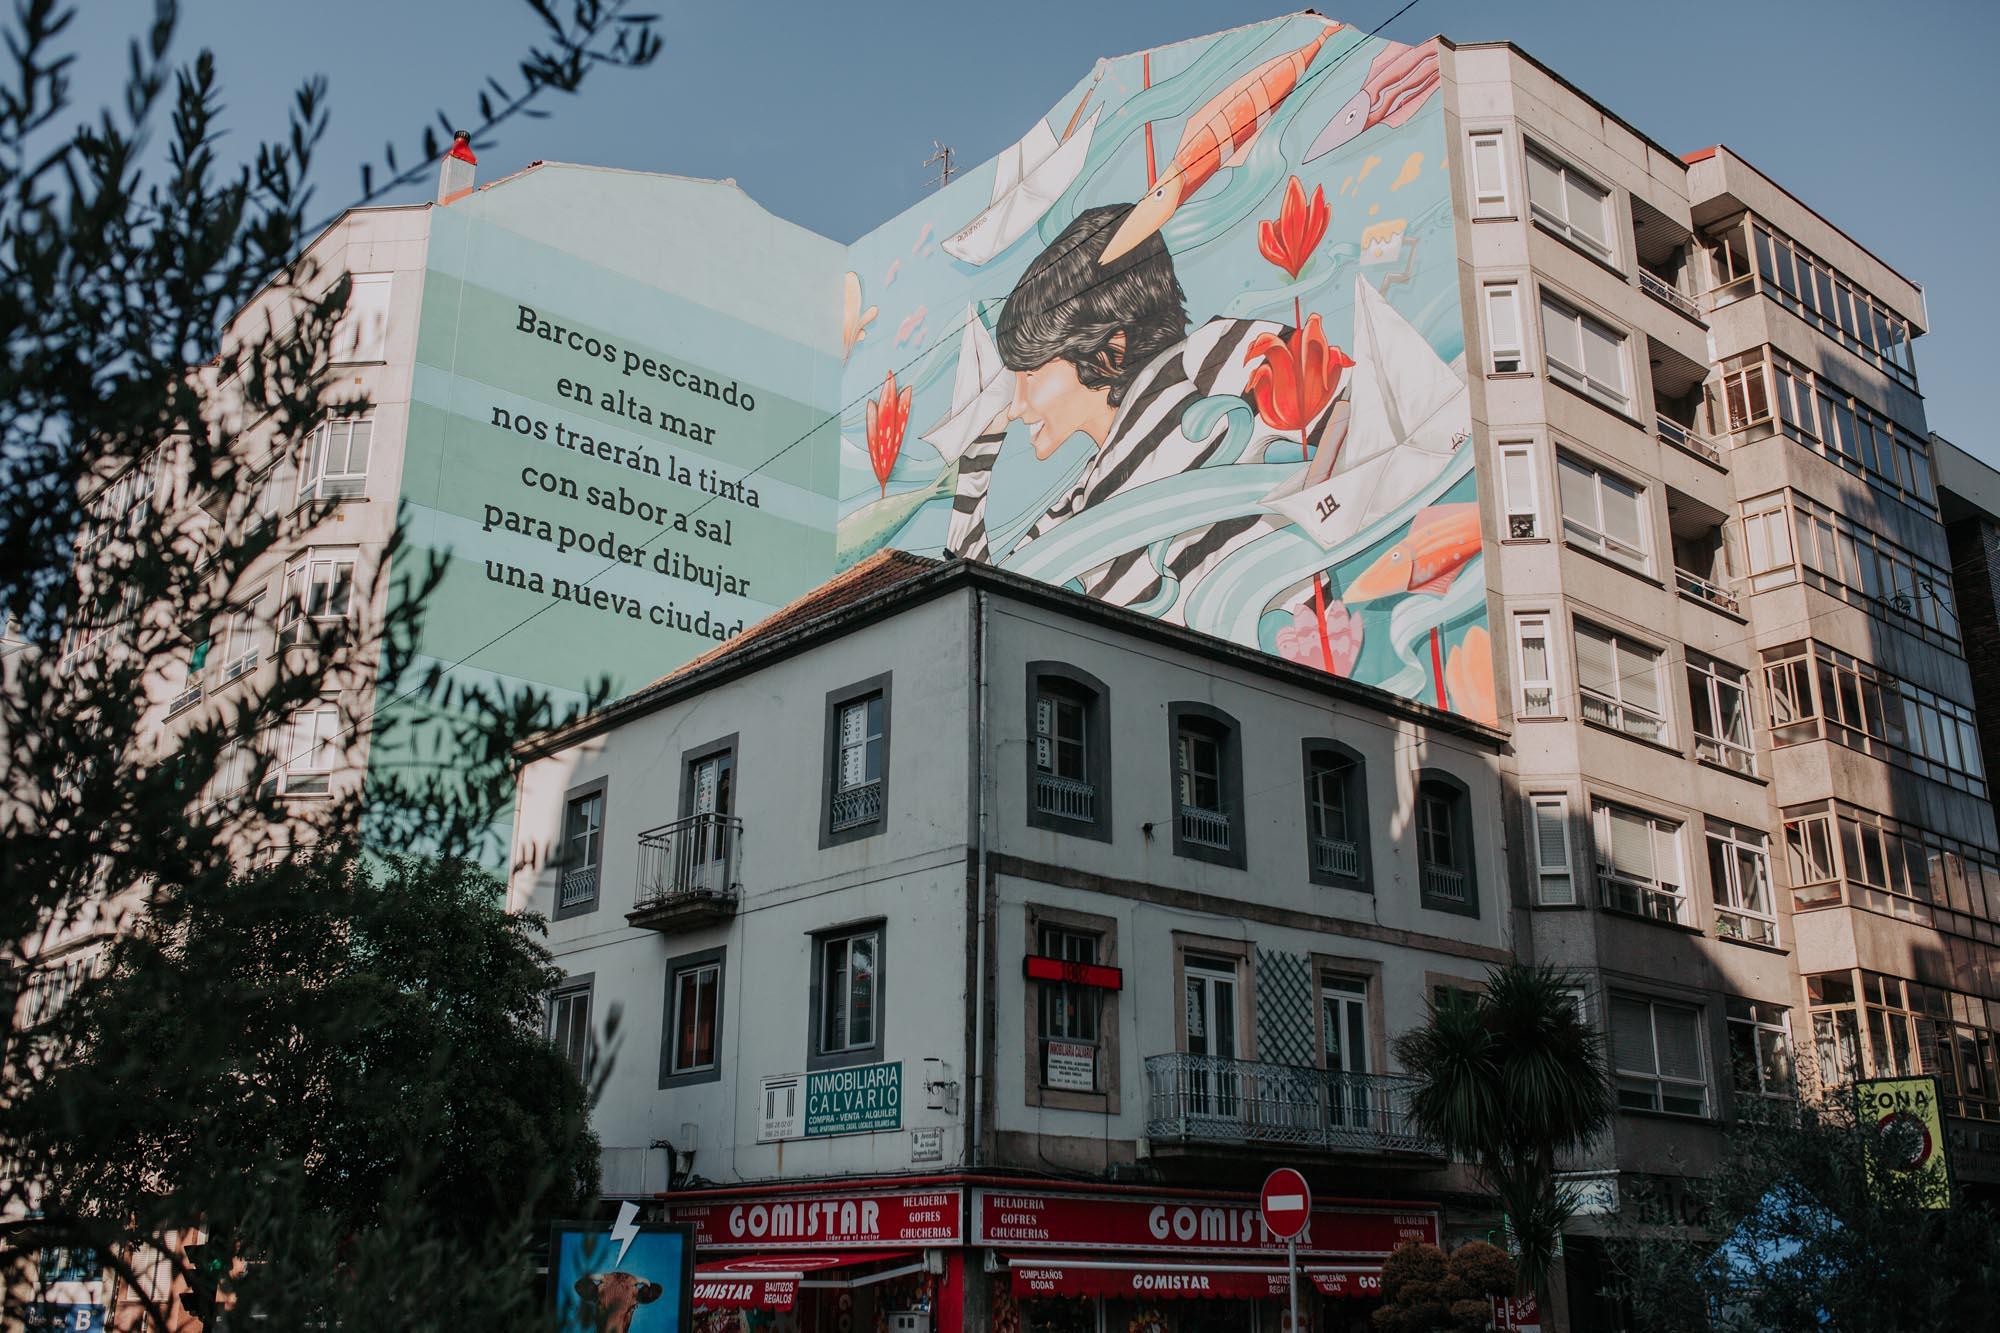 Vista del mural de Proyecto Ewa con los versos de Alejandro Fernández.